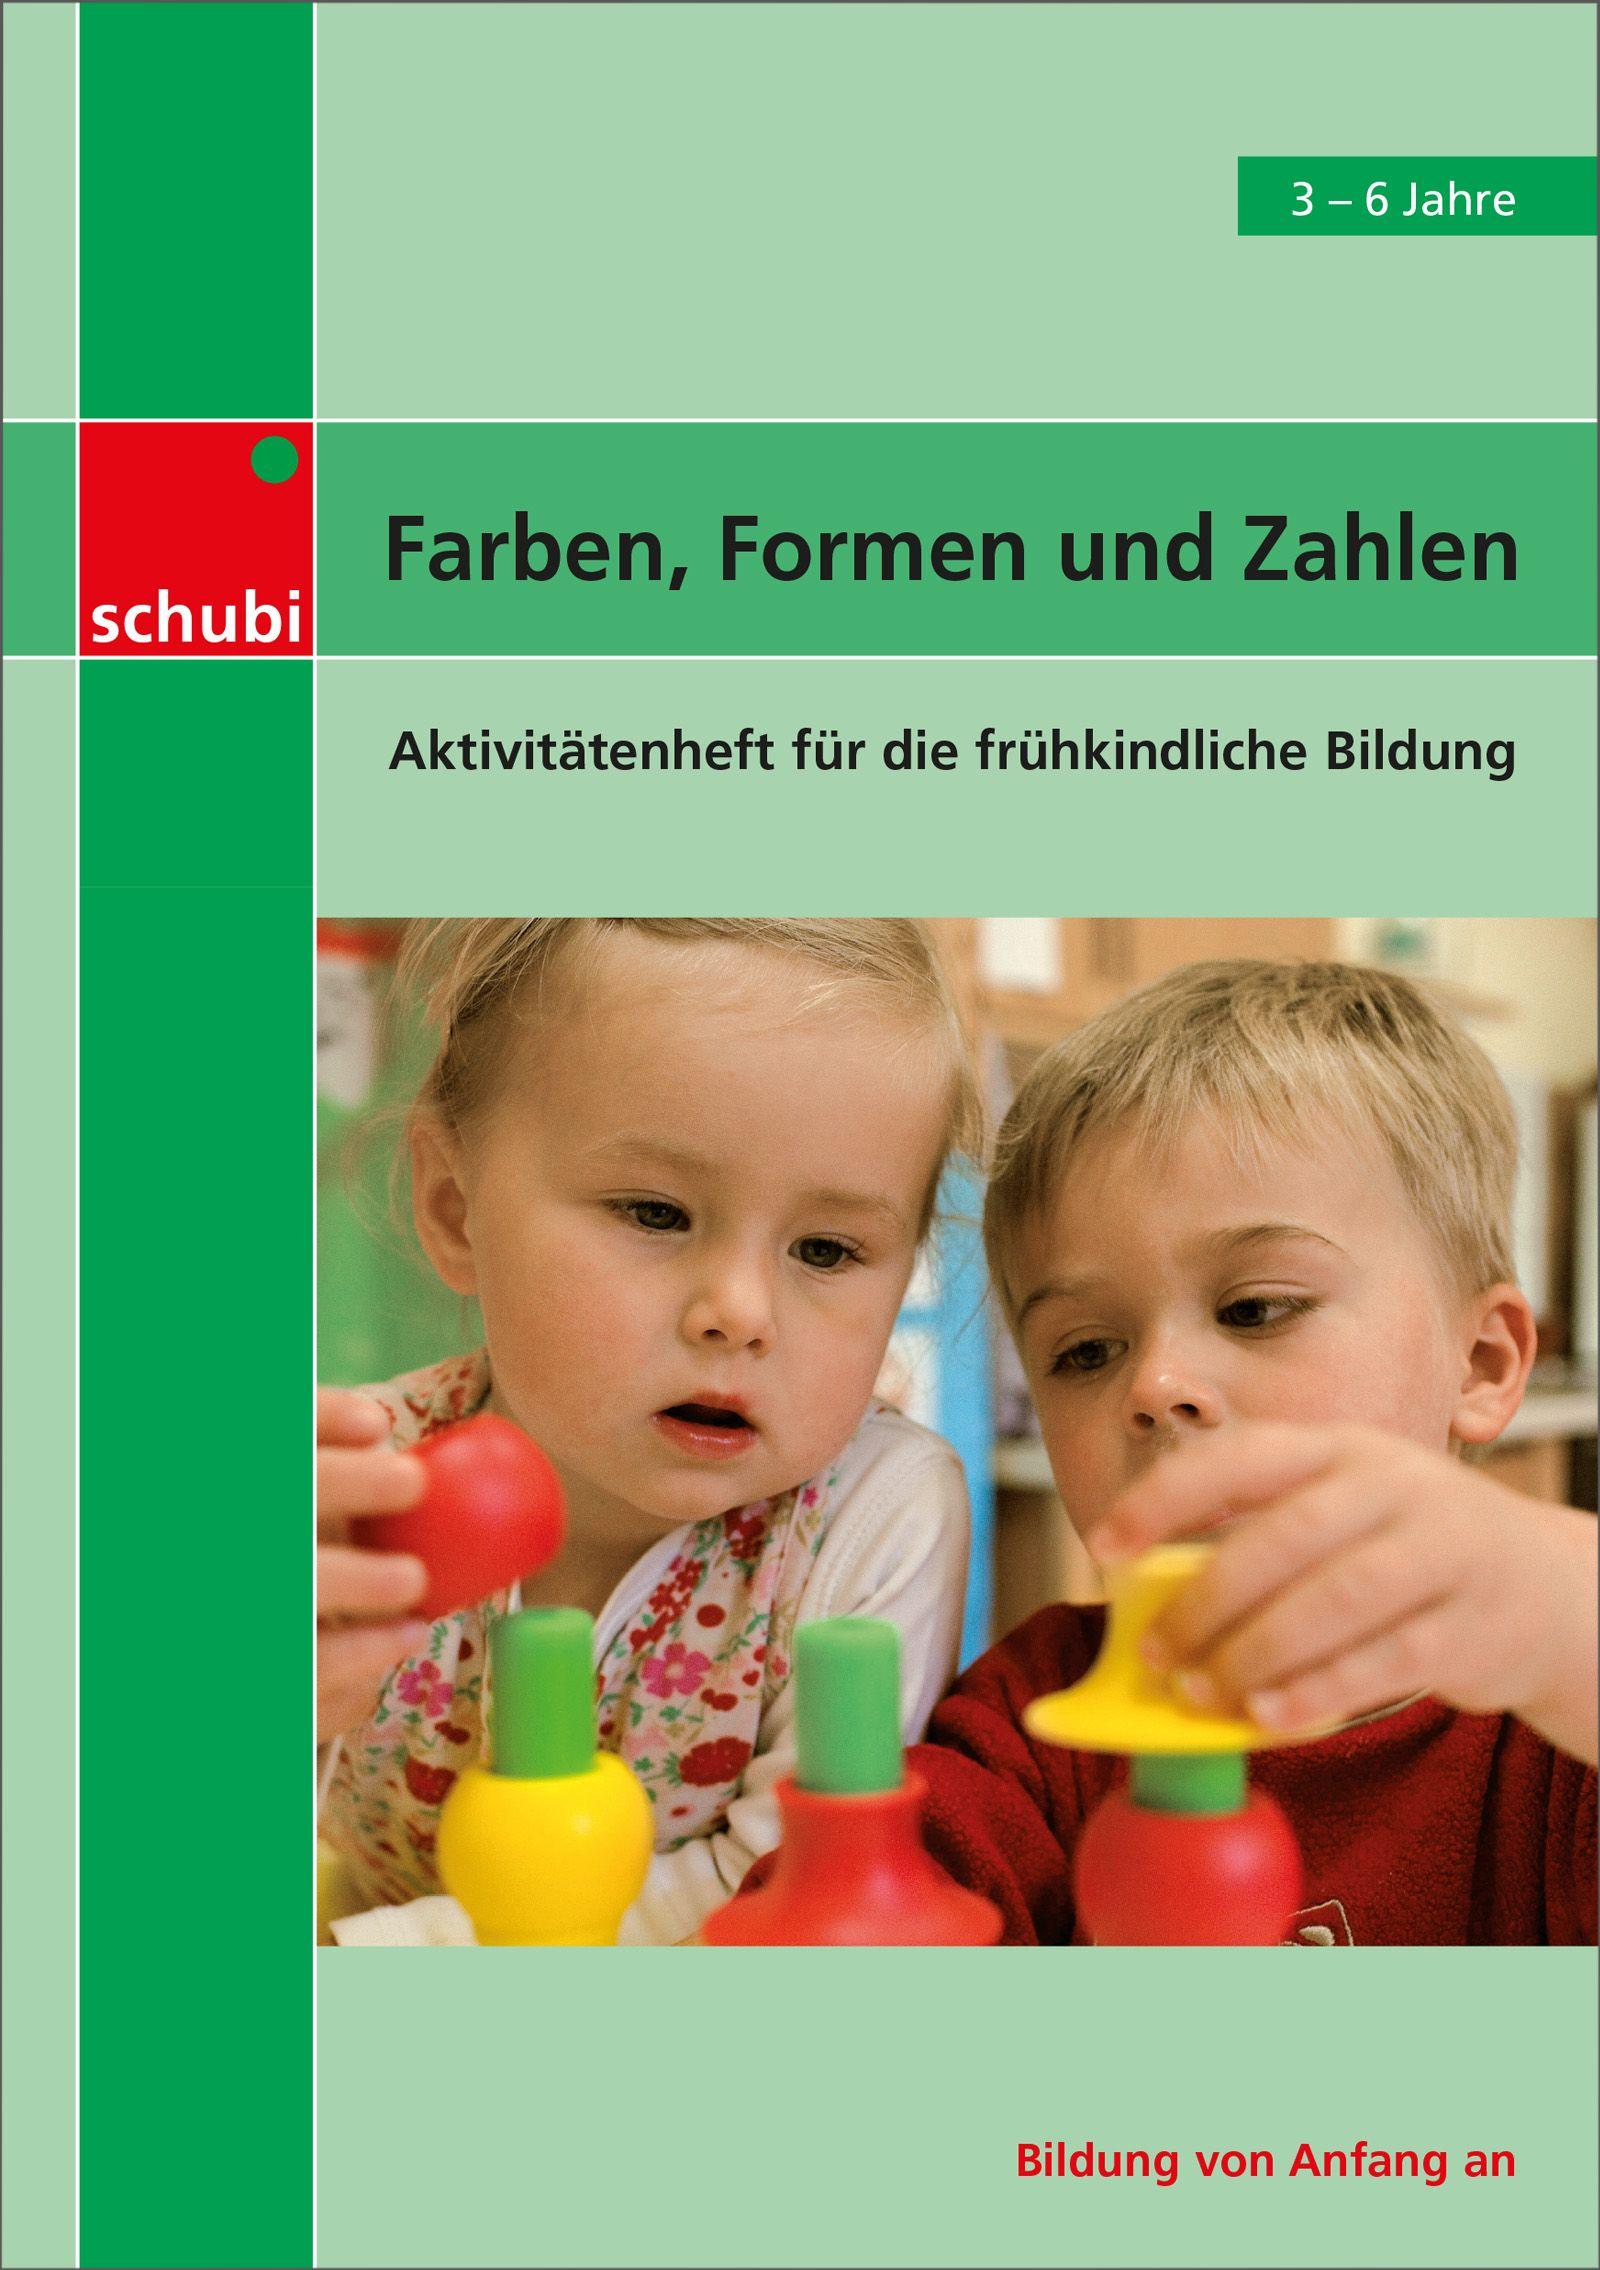 Ziemlich Bildung Malvorlagen Bilder - Malvorlagen Ideen - blogsbr.info